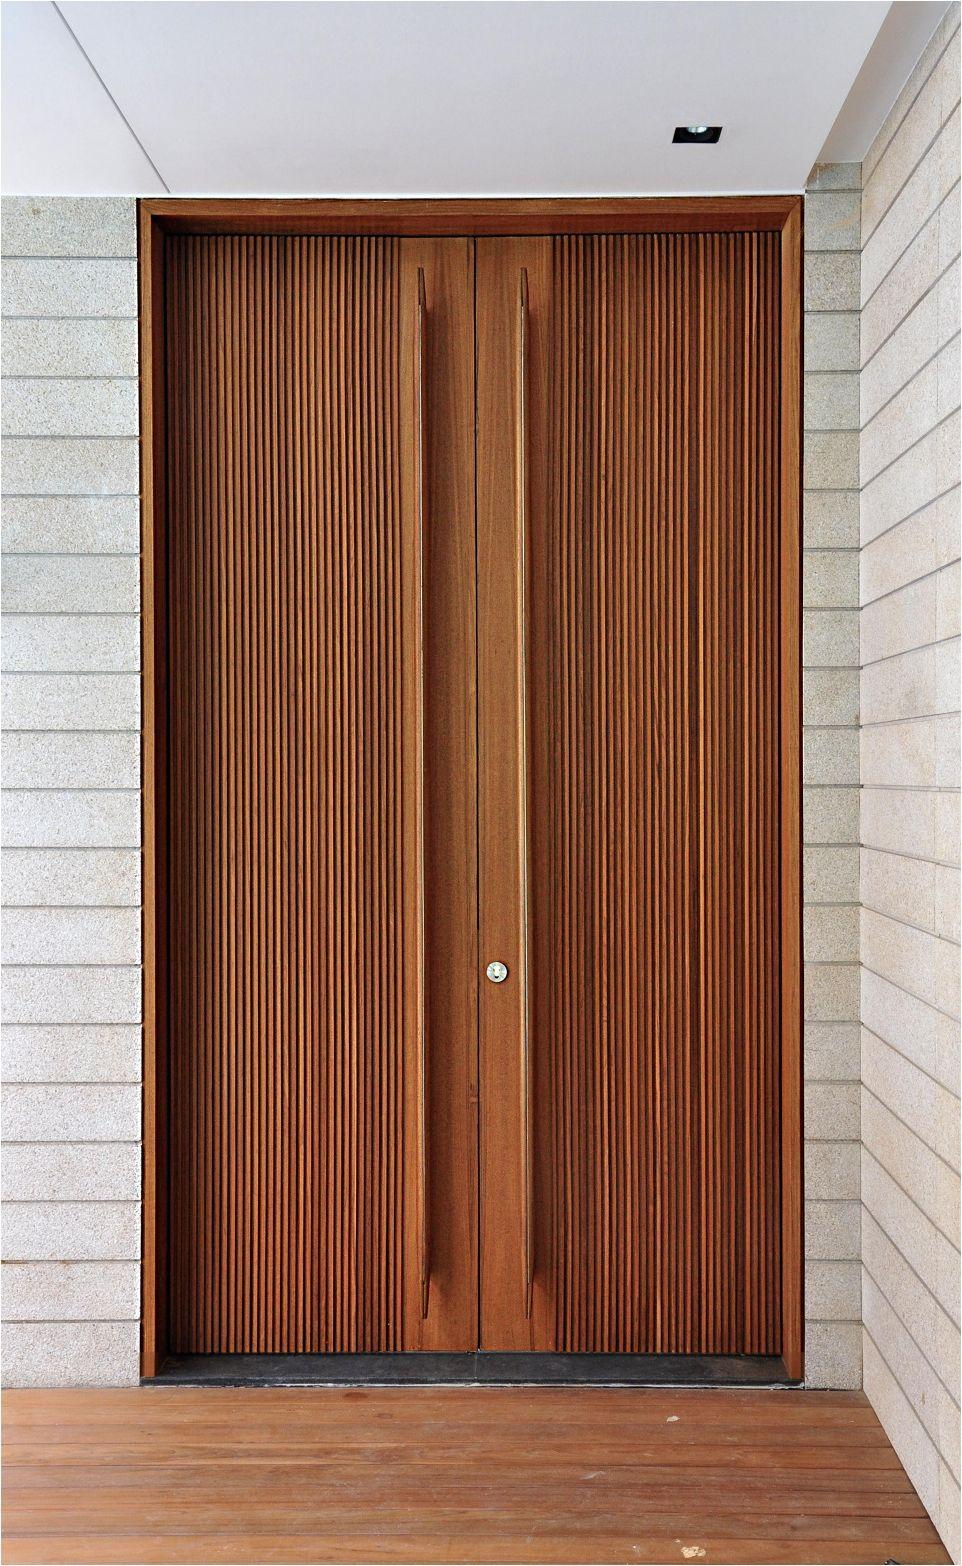 Room Door Design Door Design Wood Wood Doors: Luxurious Room With Texture Interior Design Inspirations